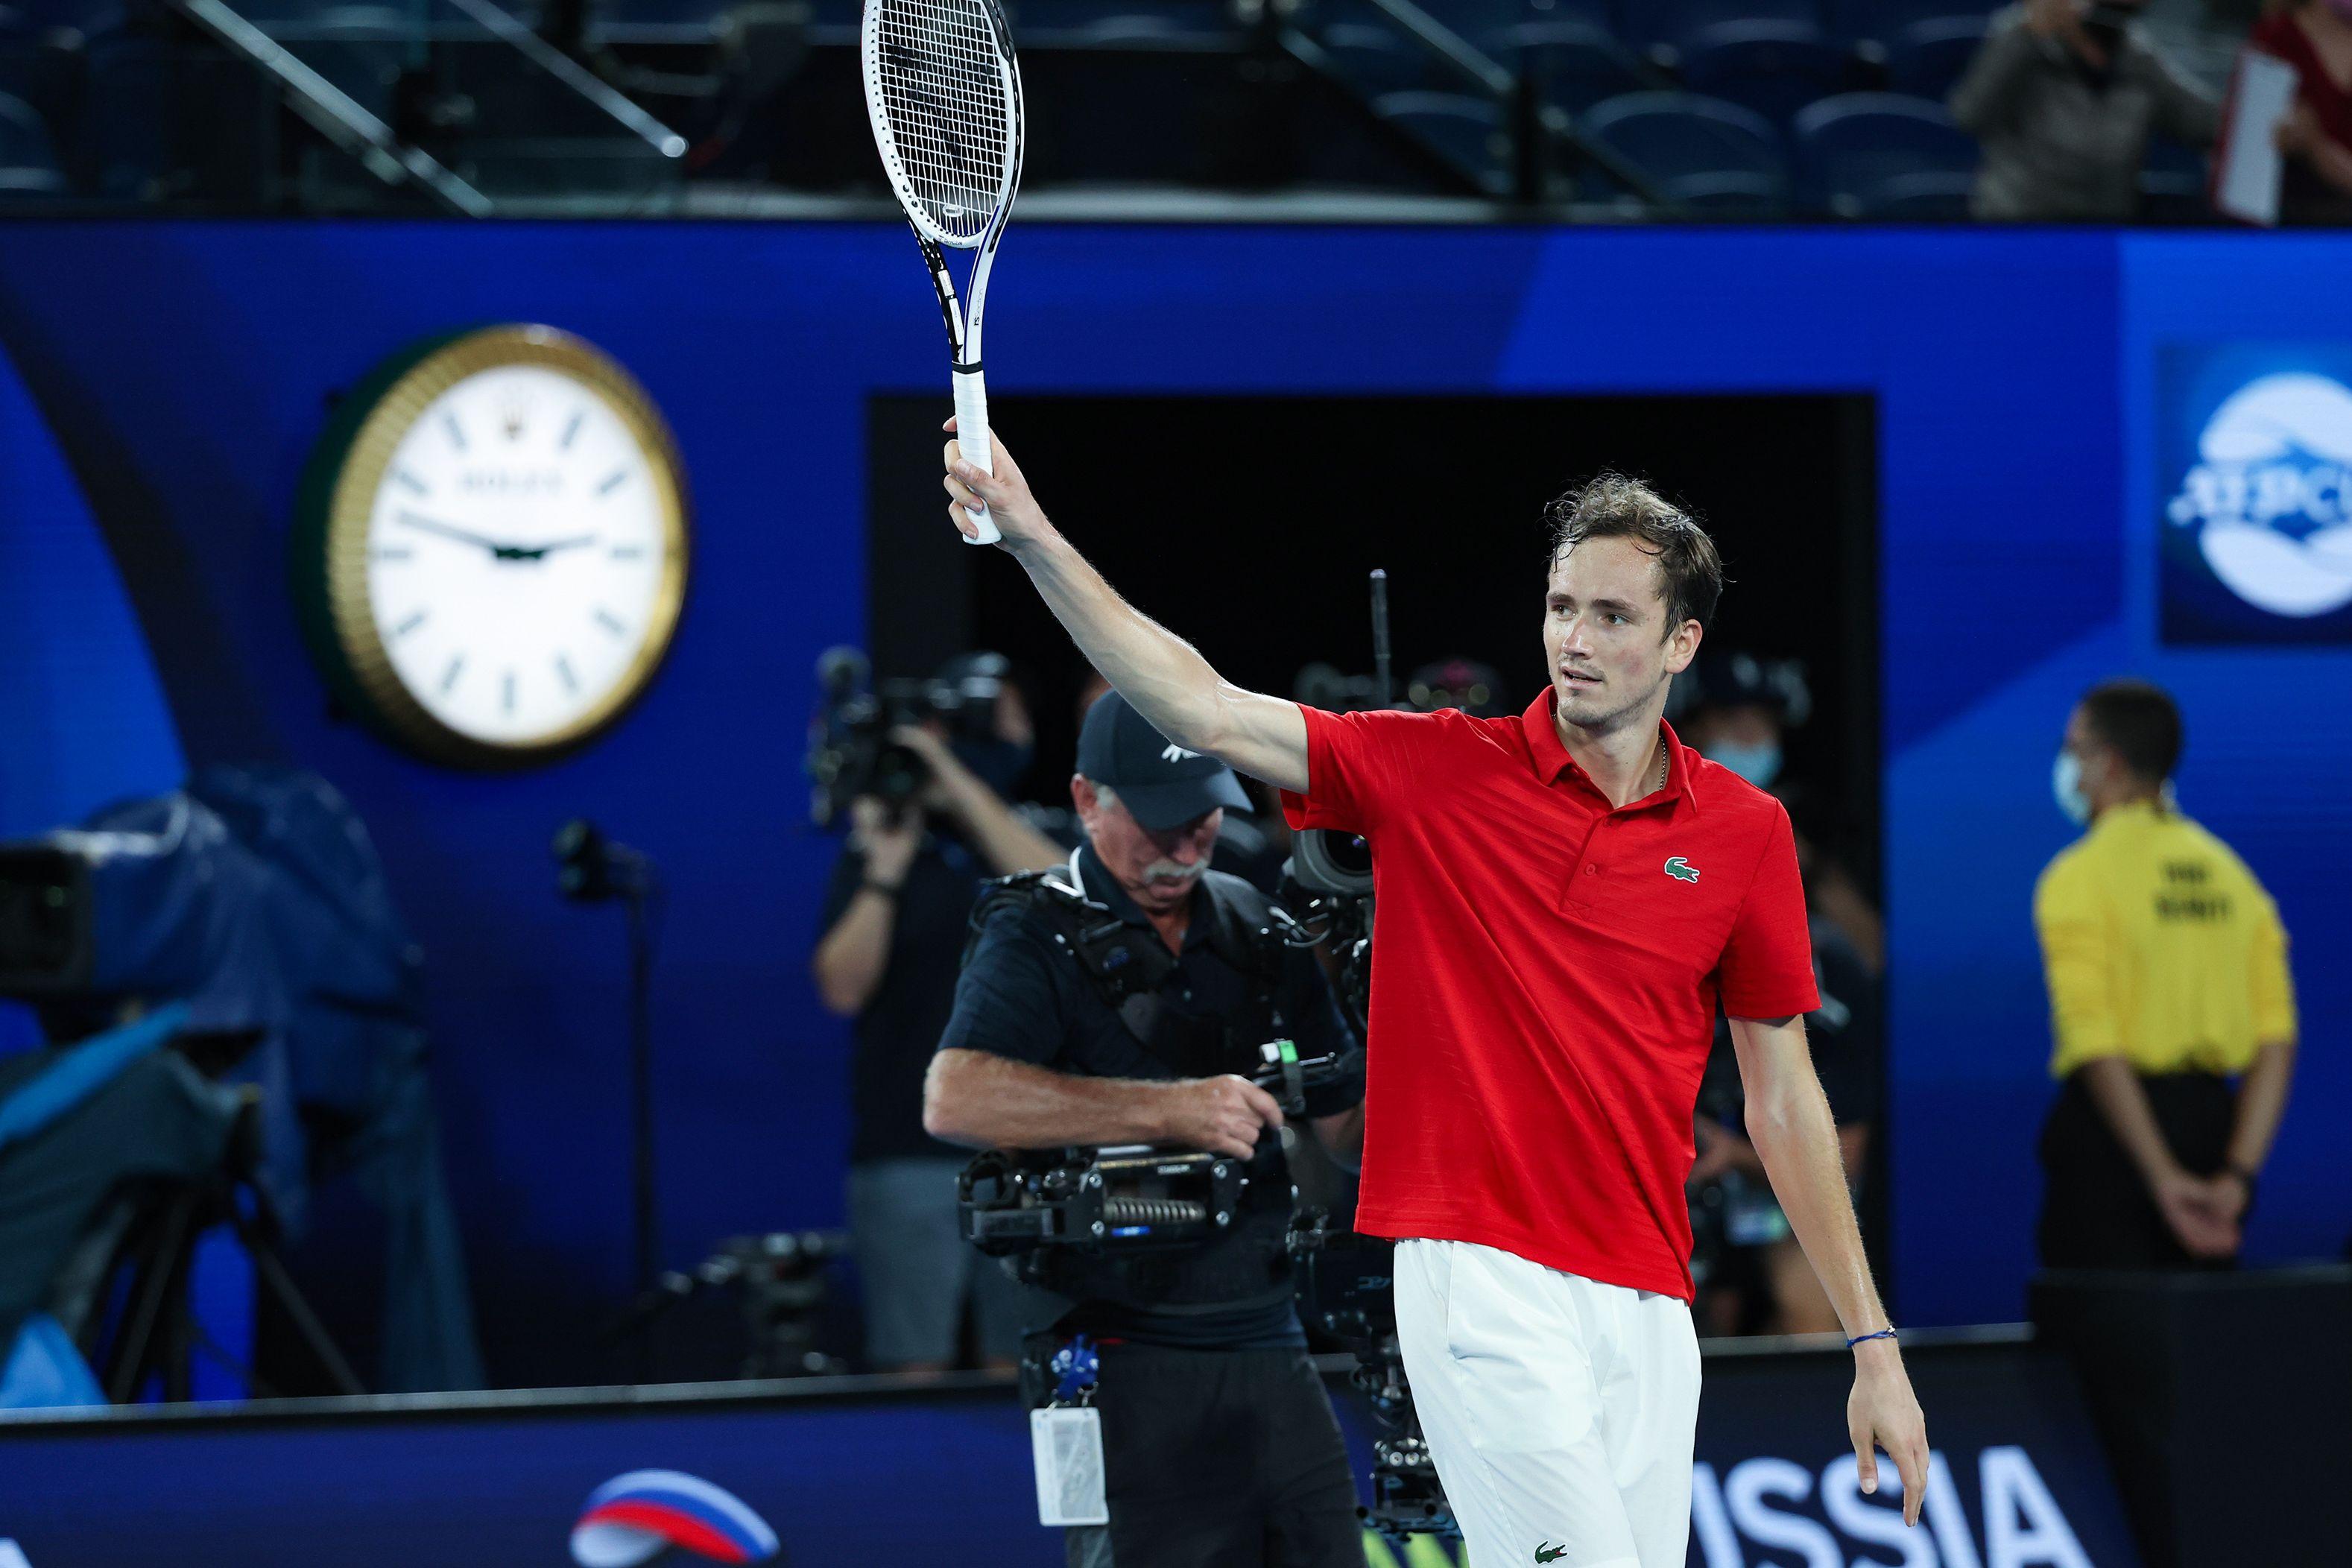 Медведев прокомментировал свою первую победу в пятисетовом матче